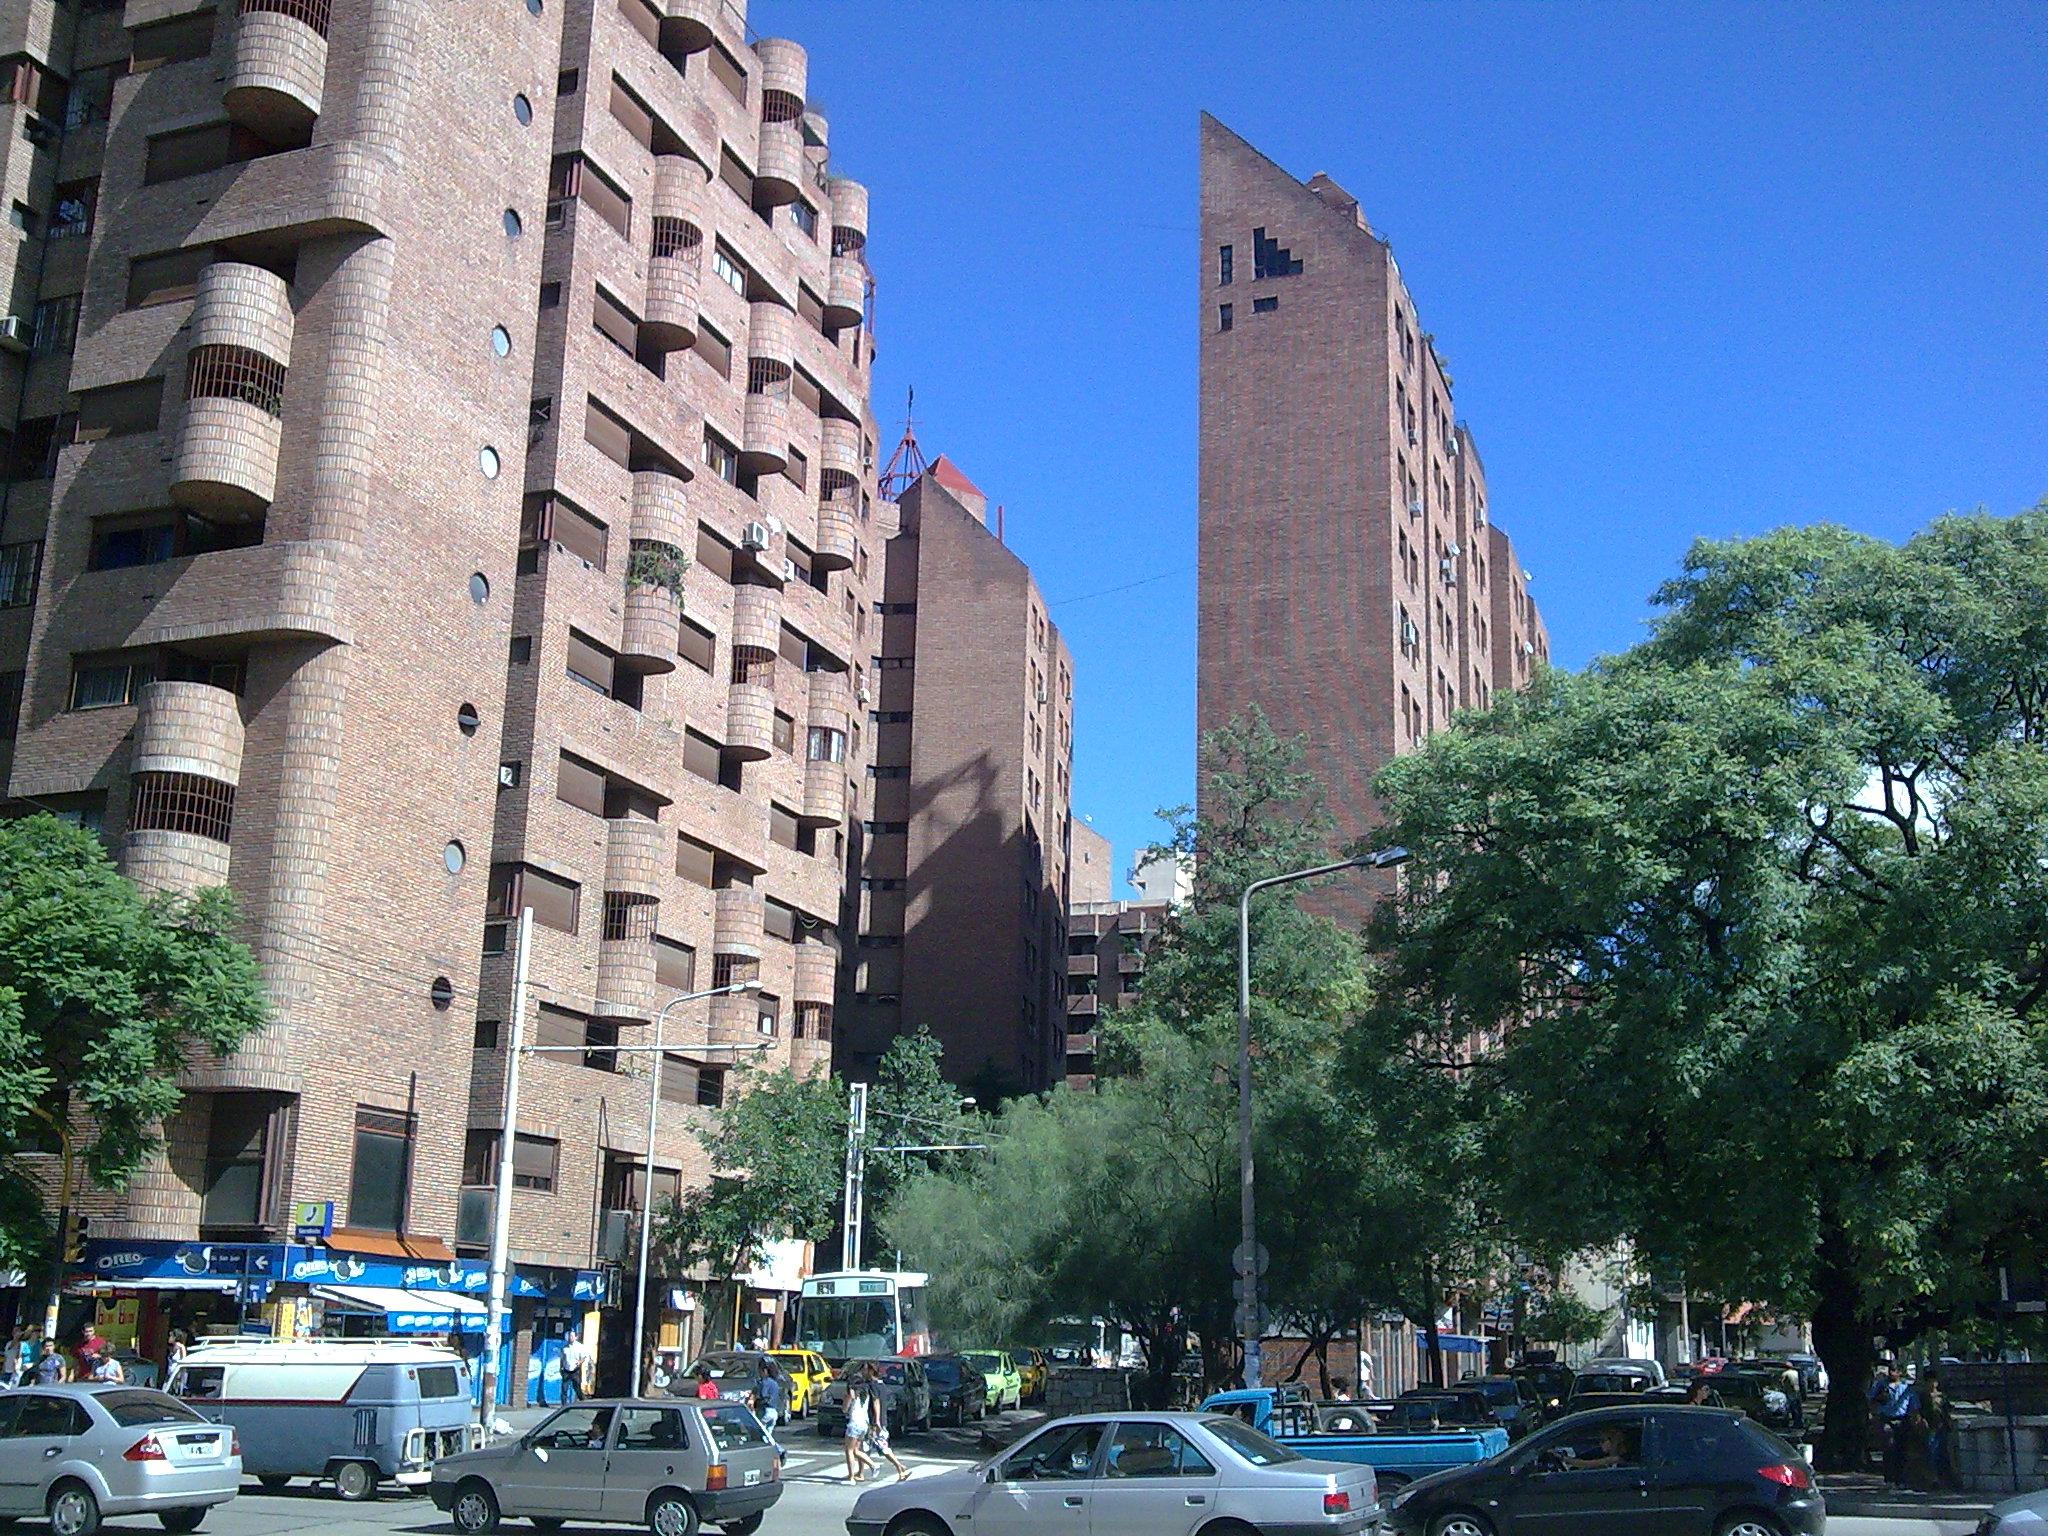 Edificios del barrio Güemes. Se caracterizan por su acabado en Ladrillo visto, estilo implantado por el arquitecto José Ignacio Díaz.